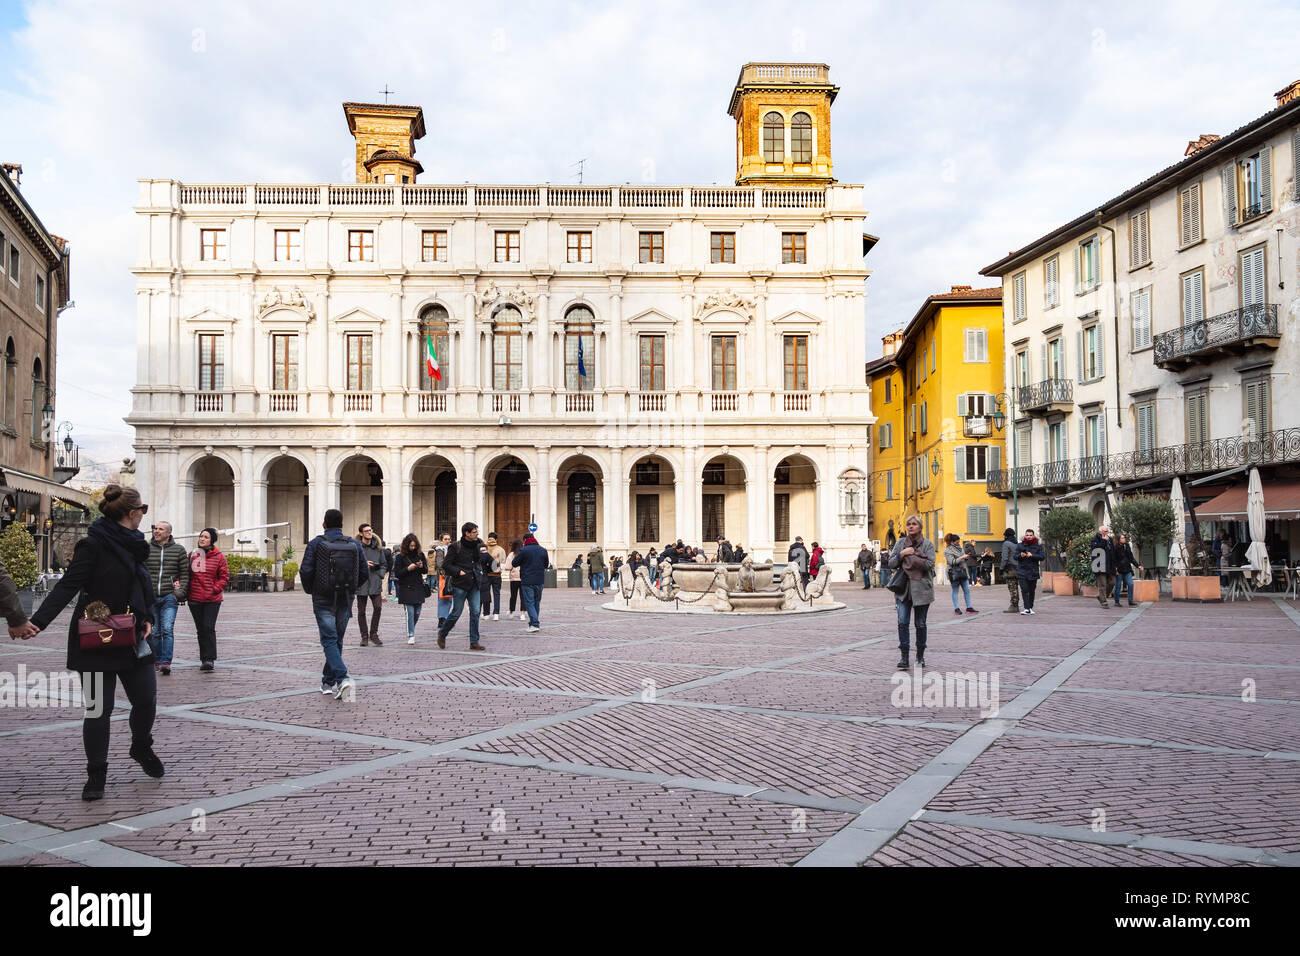 BERGAMO, ITALY - FEBRUARY 23, 2019: tourists on Piazza Vecchia square and view of Palazzo Nuova (public library Biblioteca Civica Angelo Mai) in Citta Stock Photo